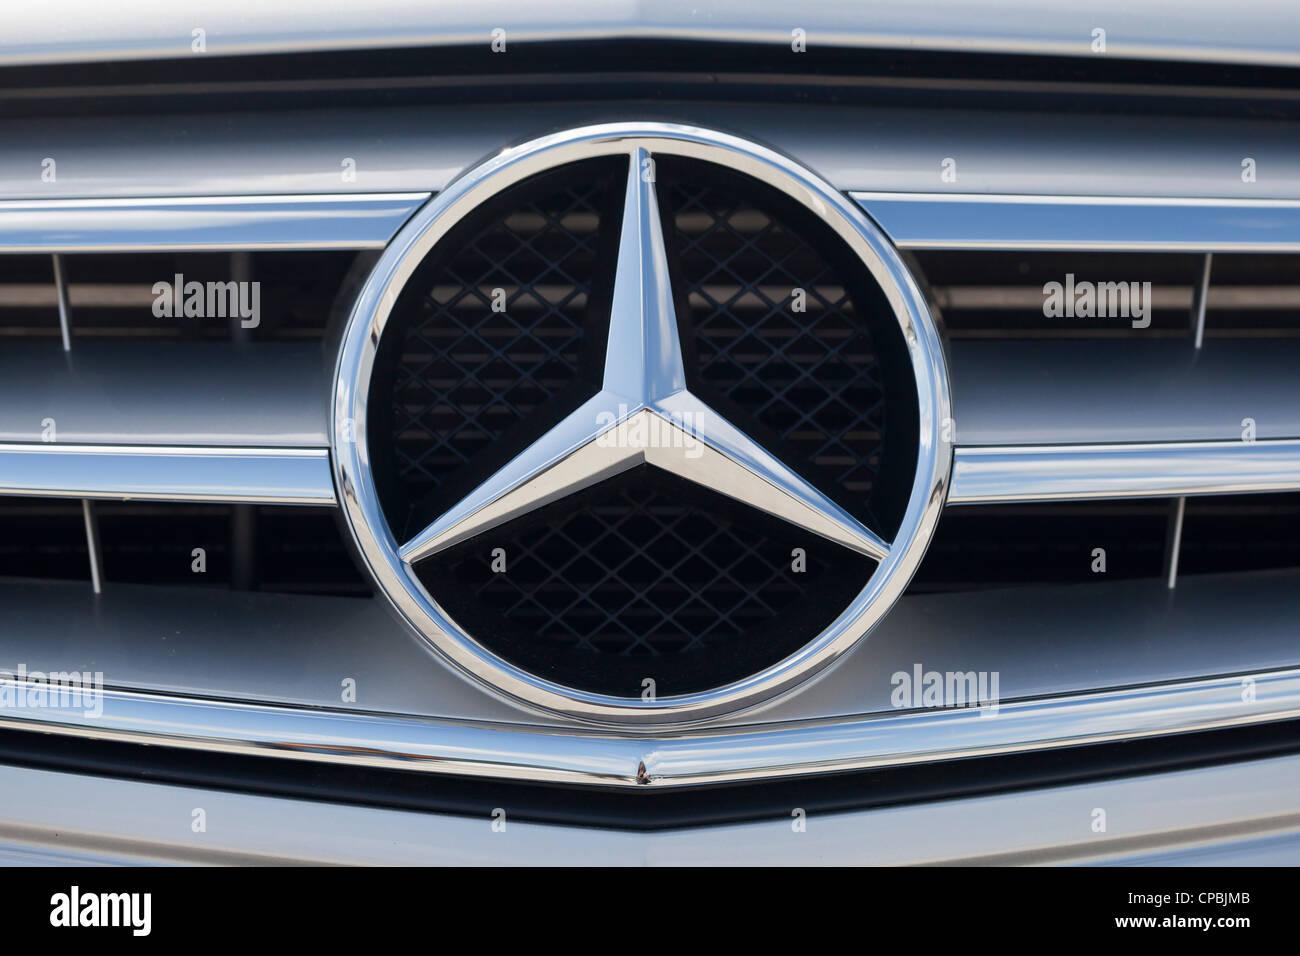 Mercedes-Benz Heizkörper Abdeckung mit dem Mercedes-Benz